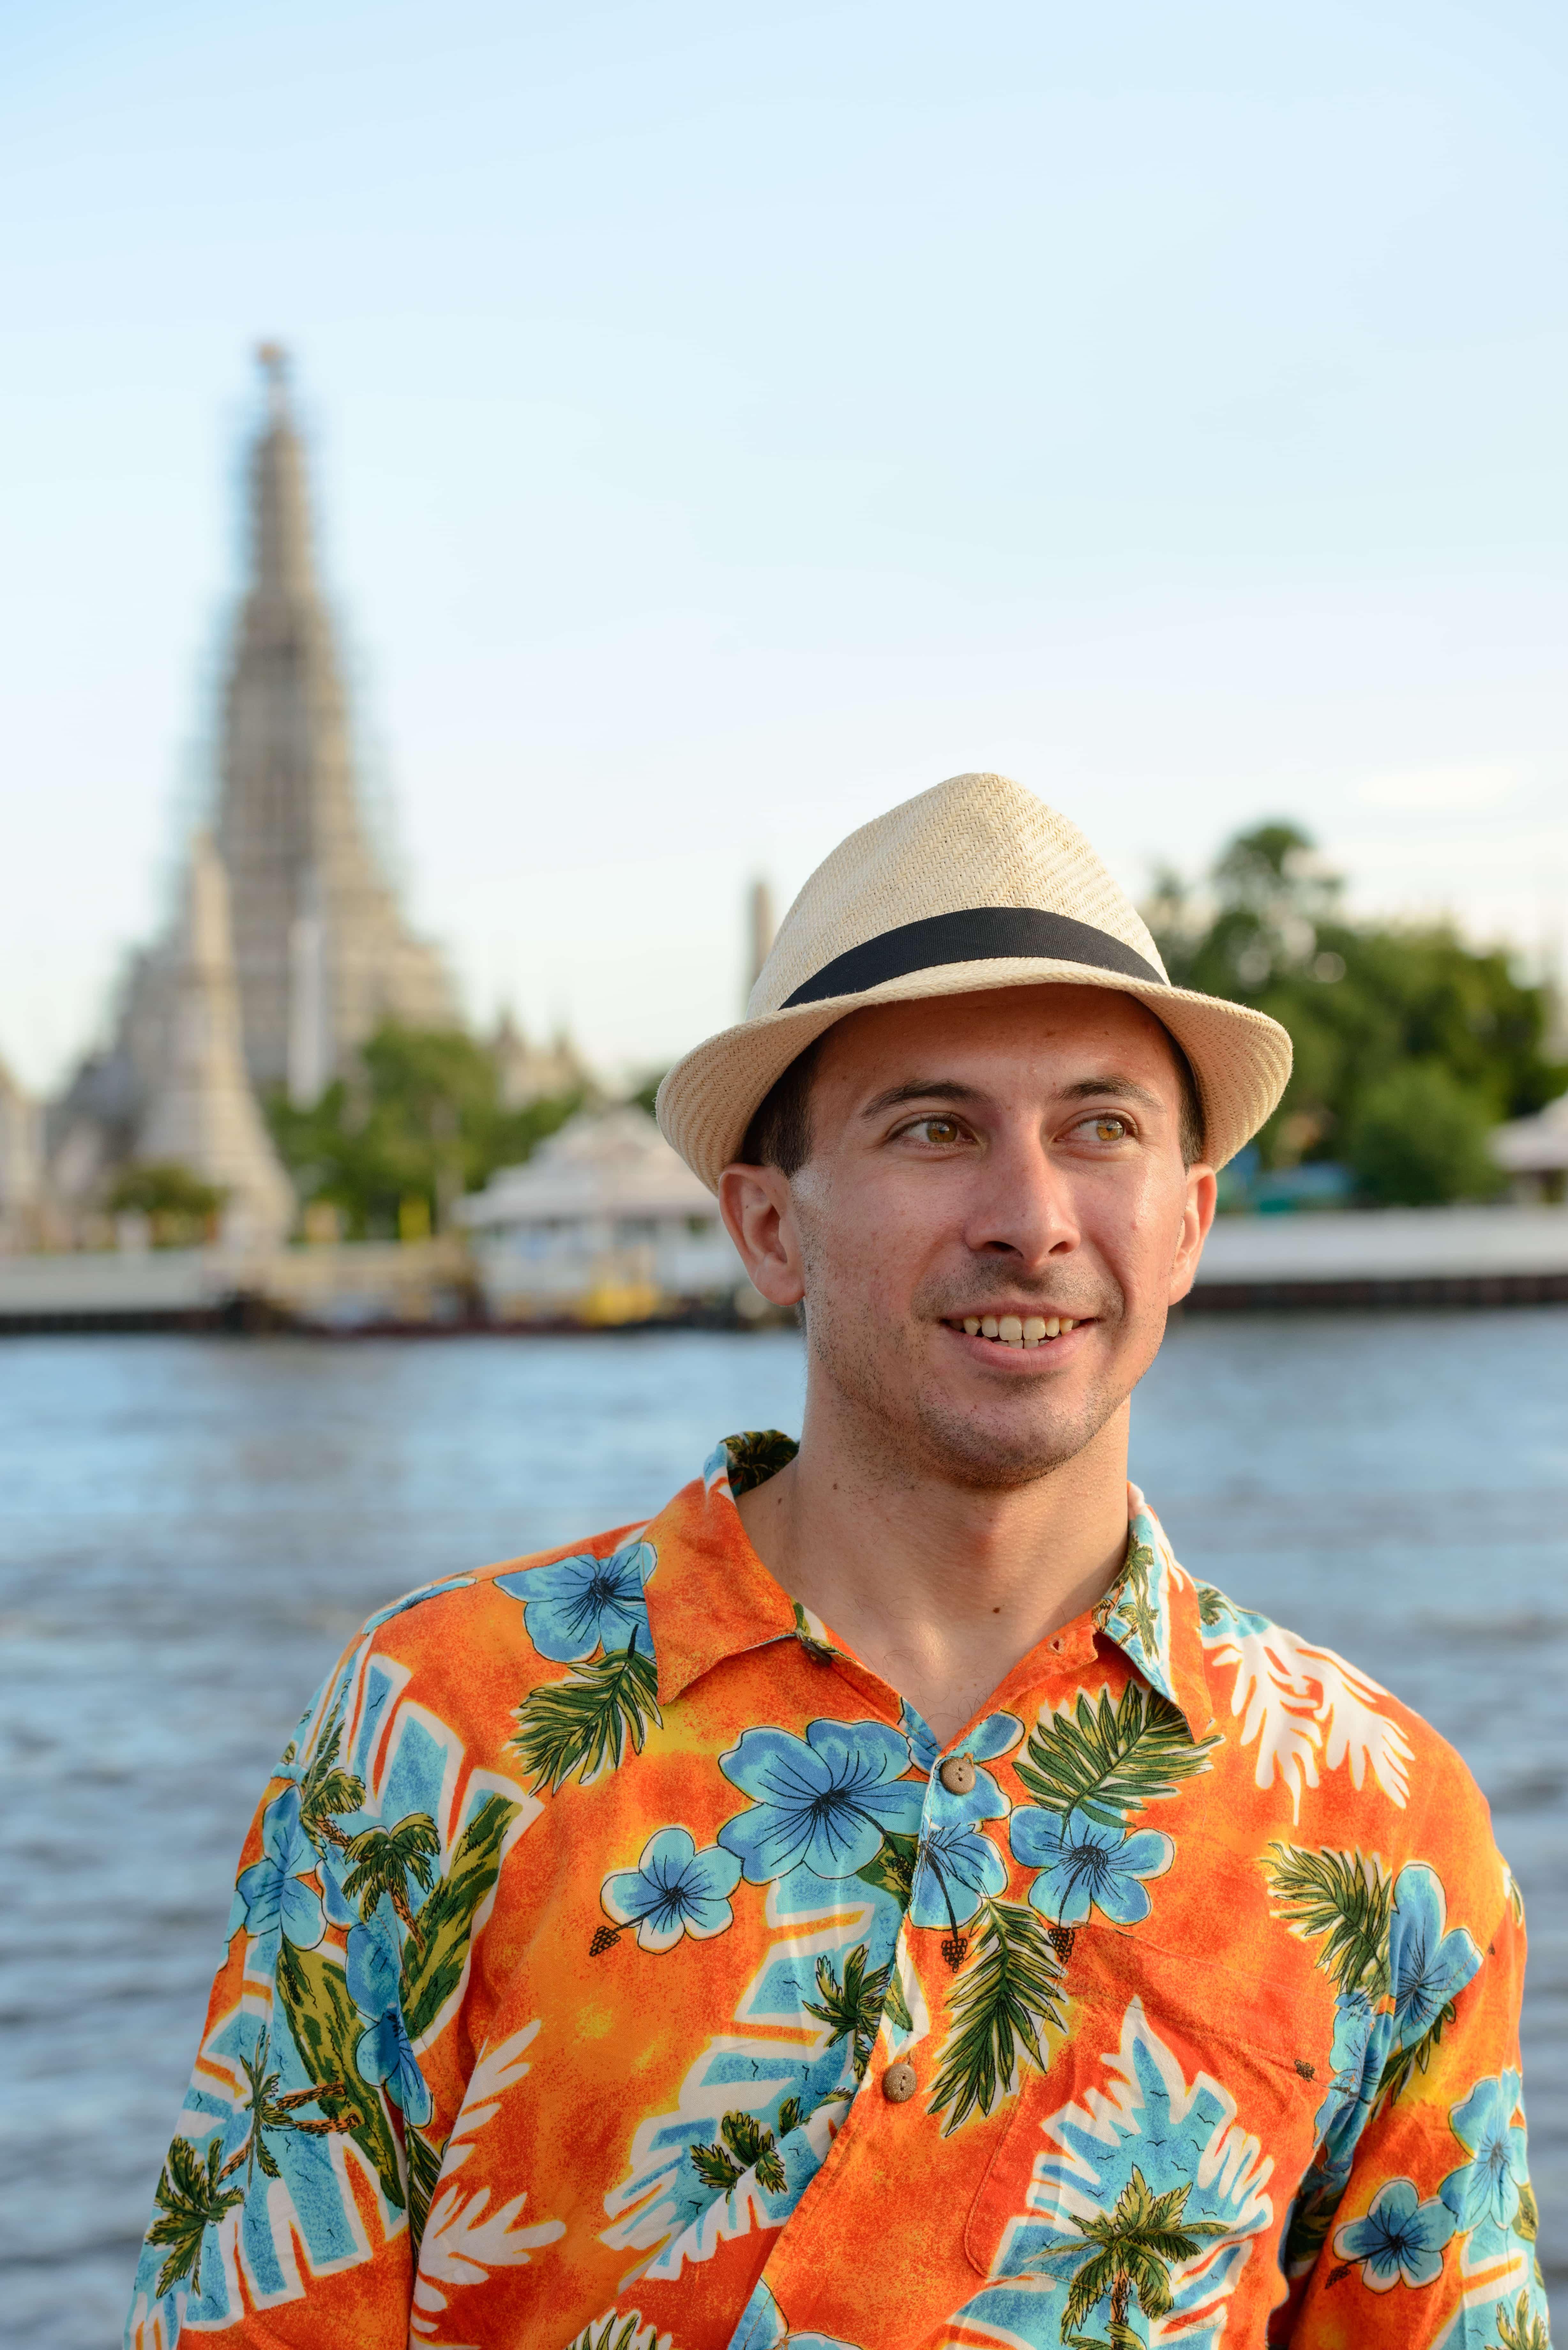 Mann mit Hawaiihemd und Hut